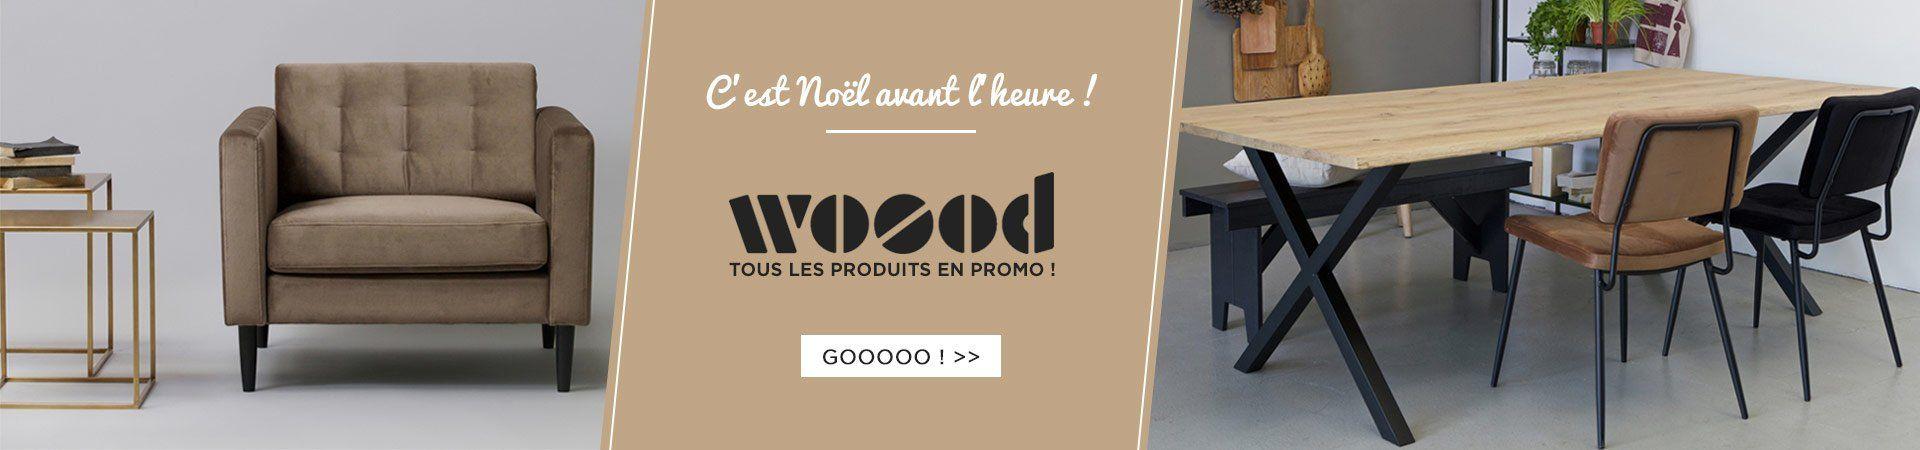 Profitez de 10% de réduction sur les produits Woood